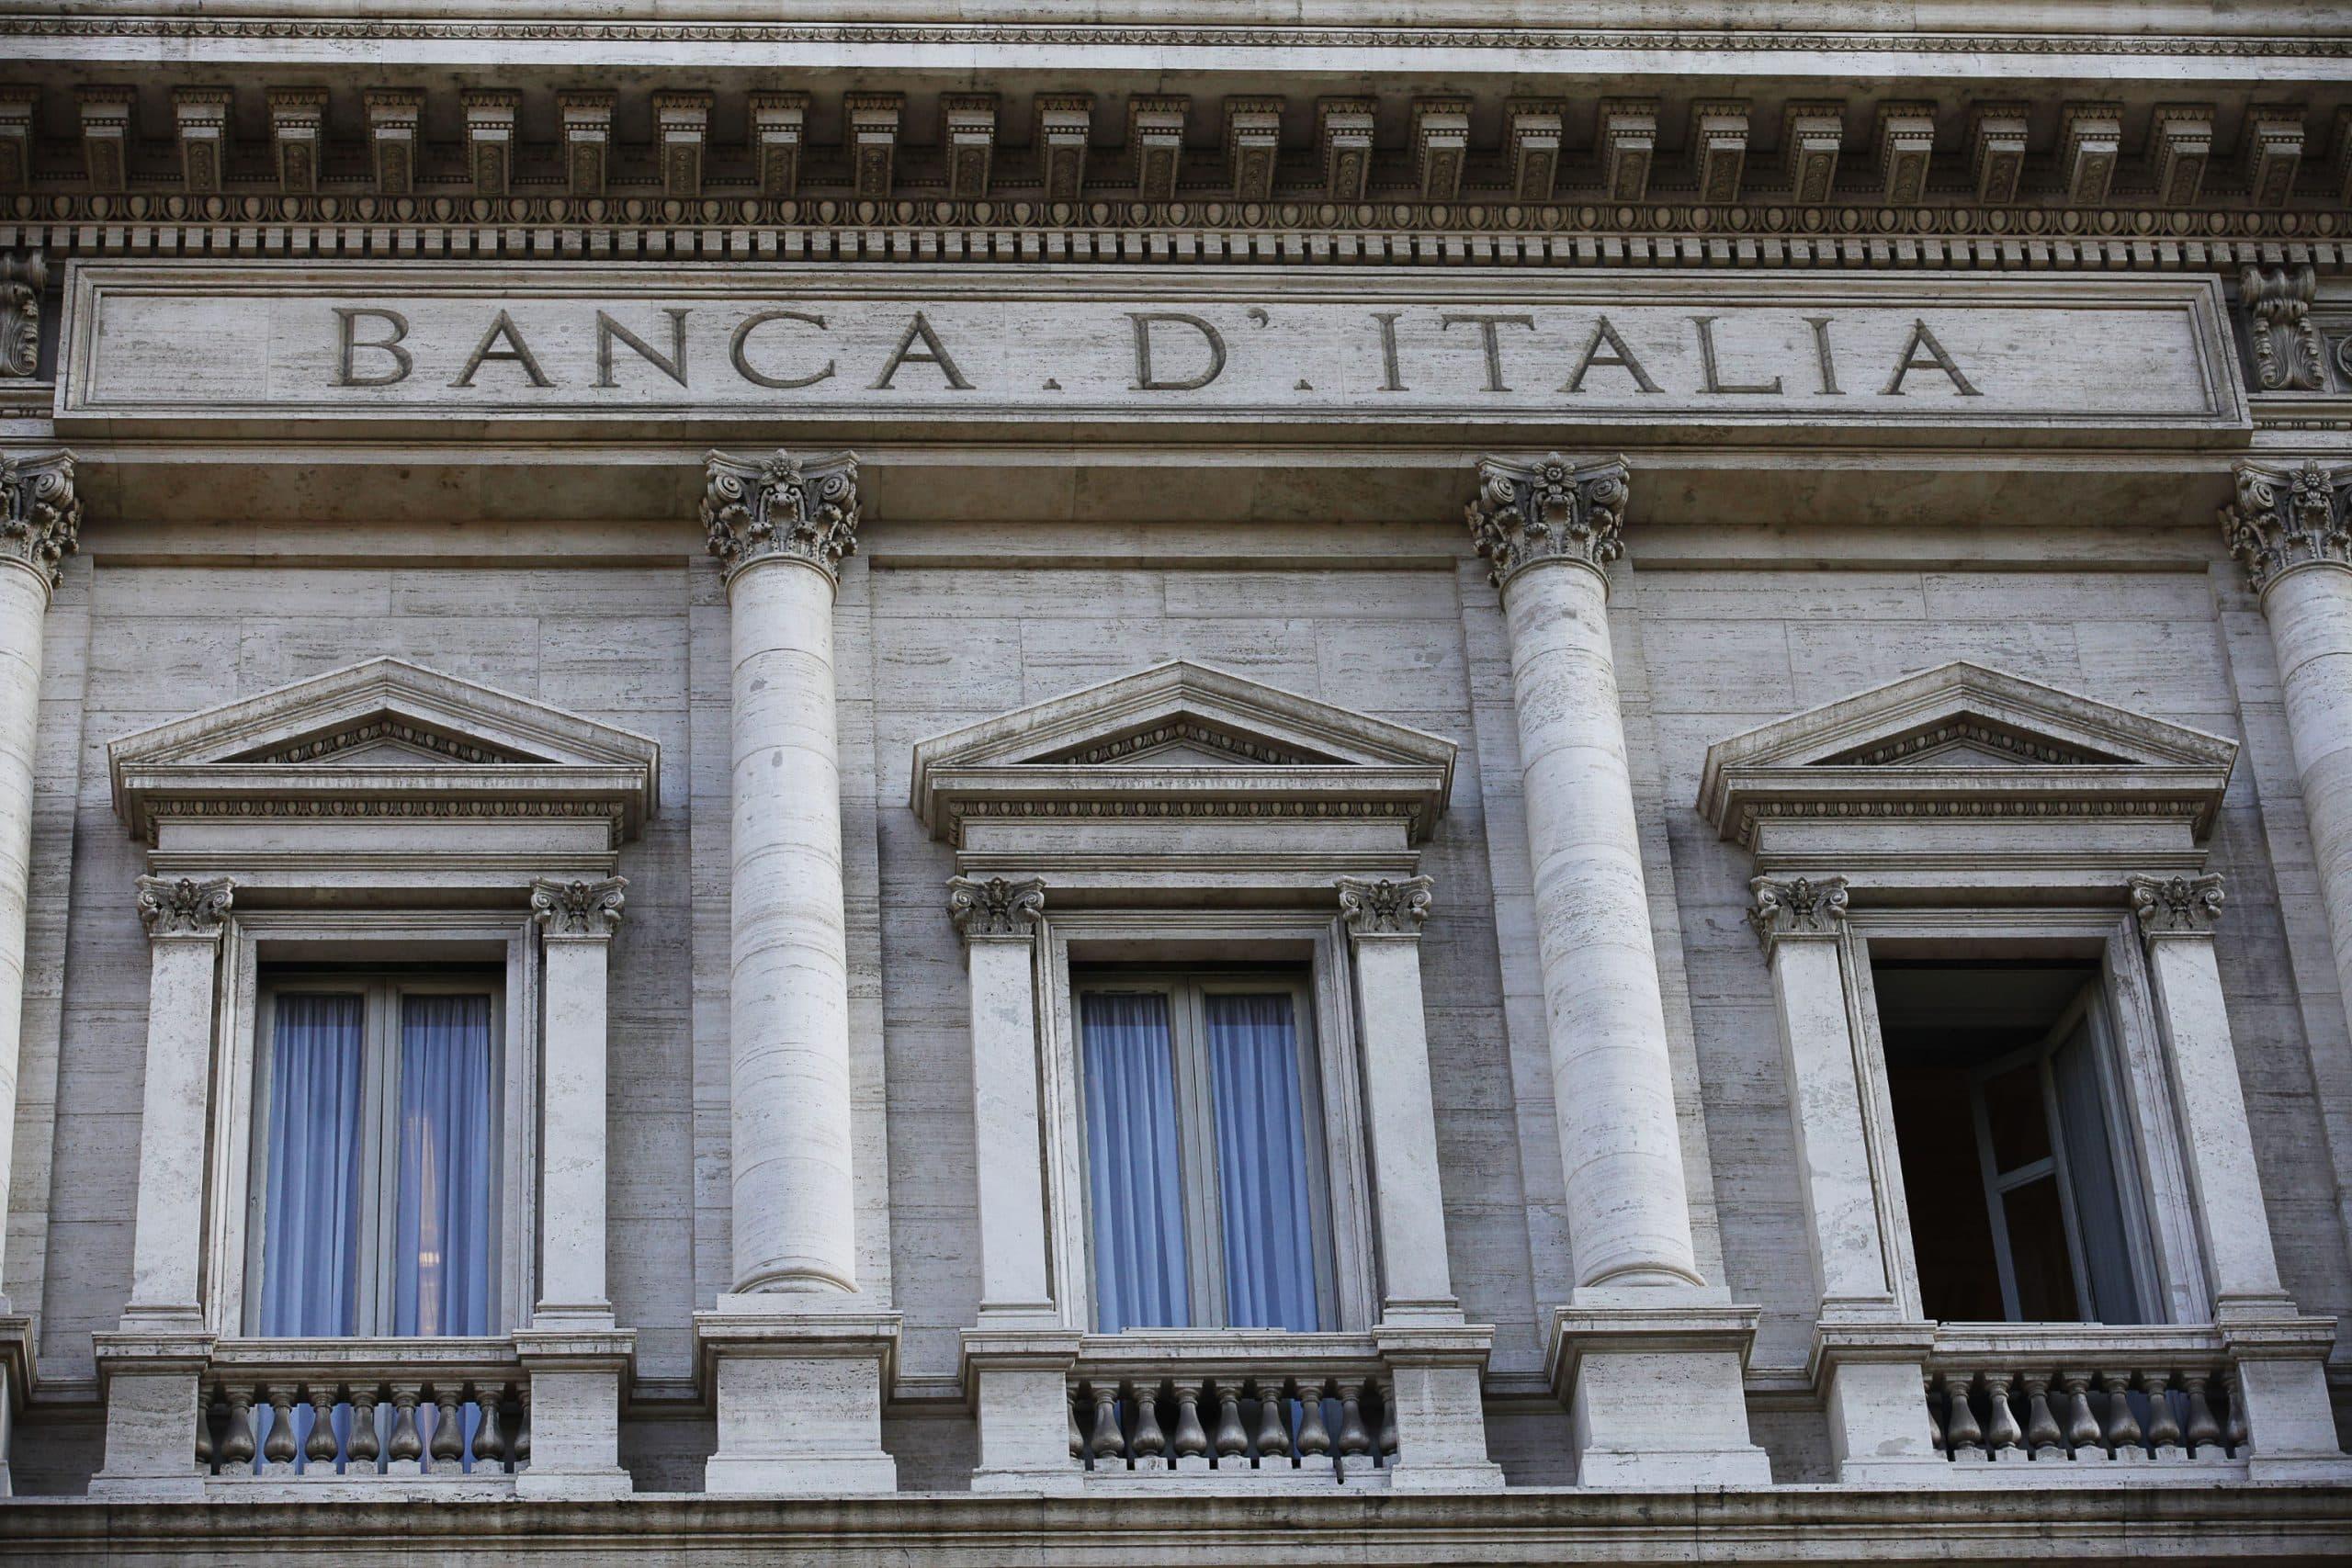 Concorso Banca d'Italia: 105 assistenti con diploma o laurea